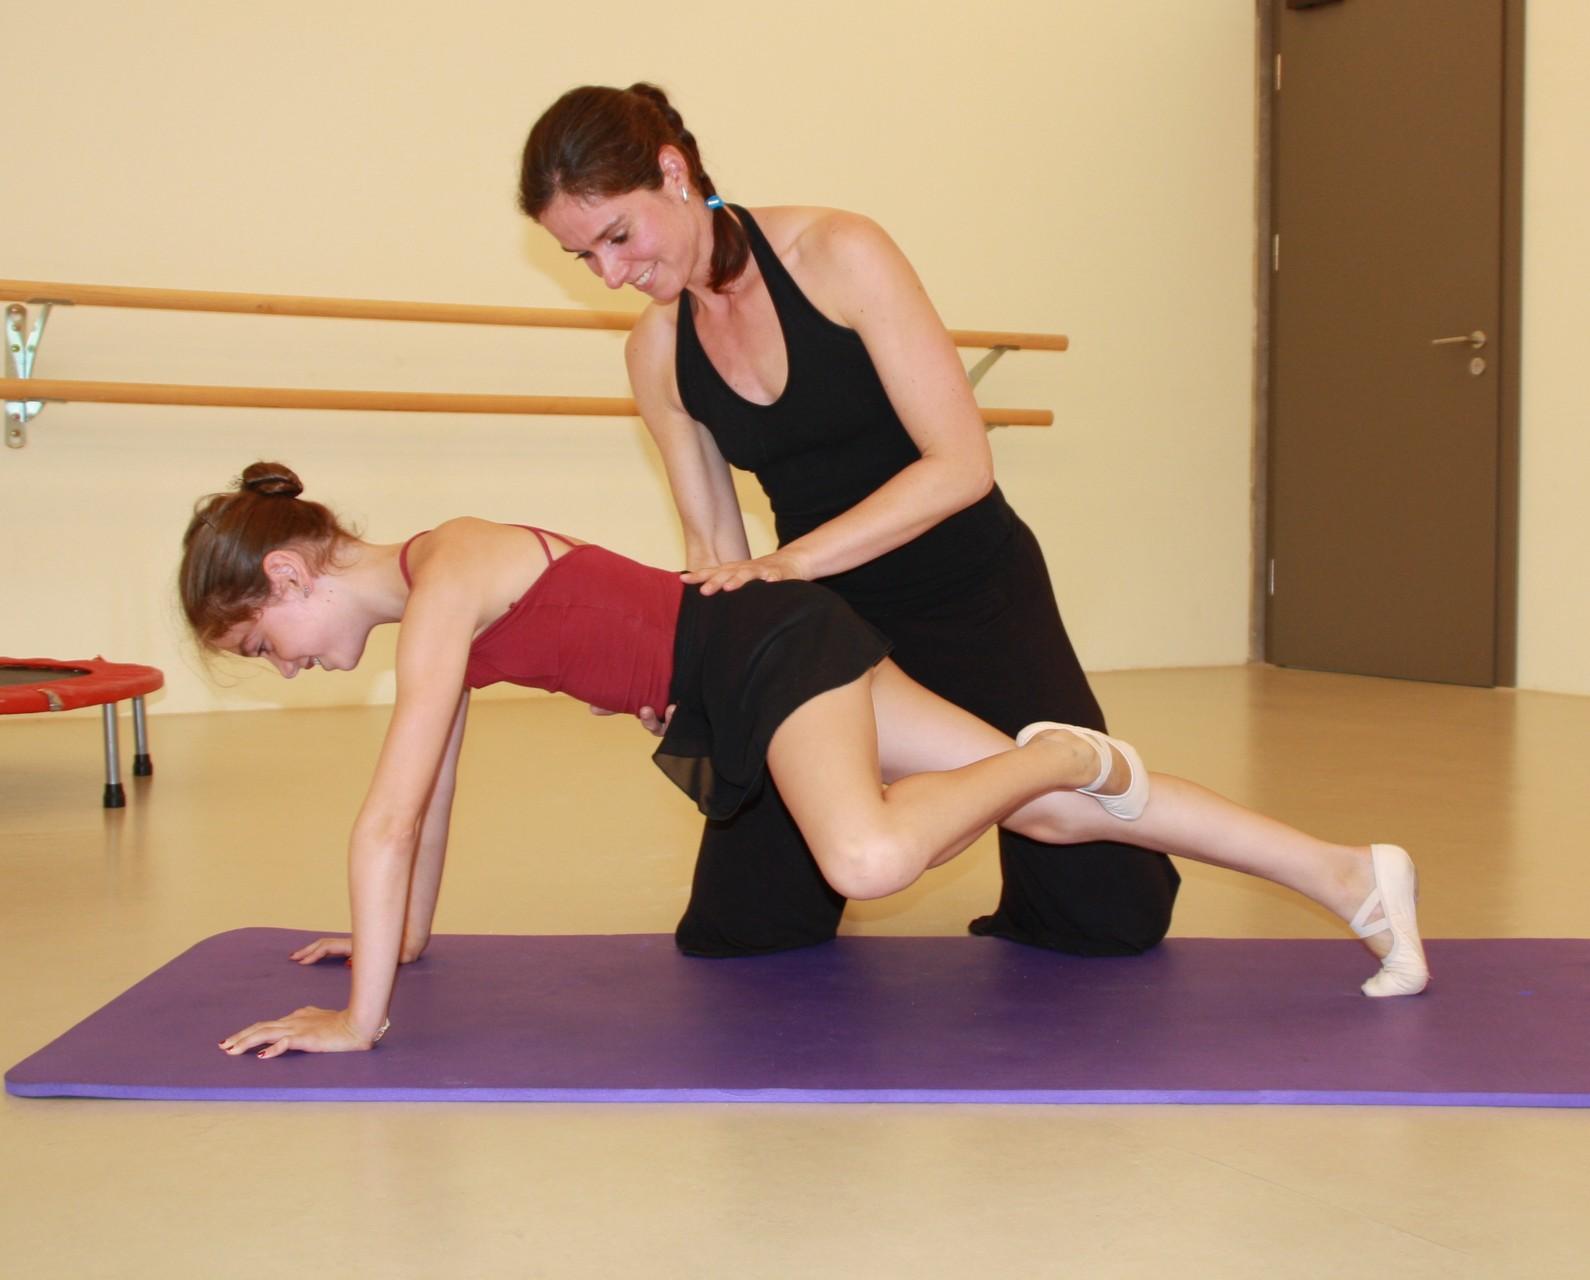 Üben der stabilen Körpermitte